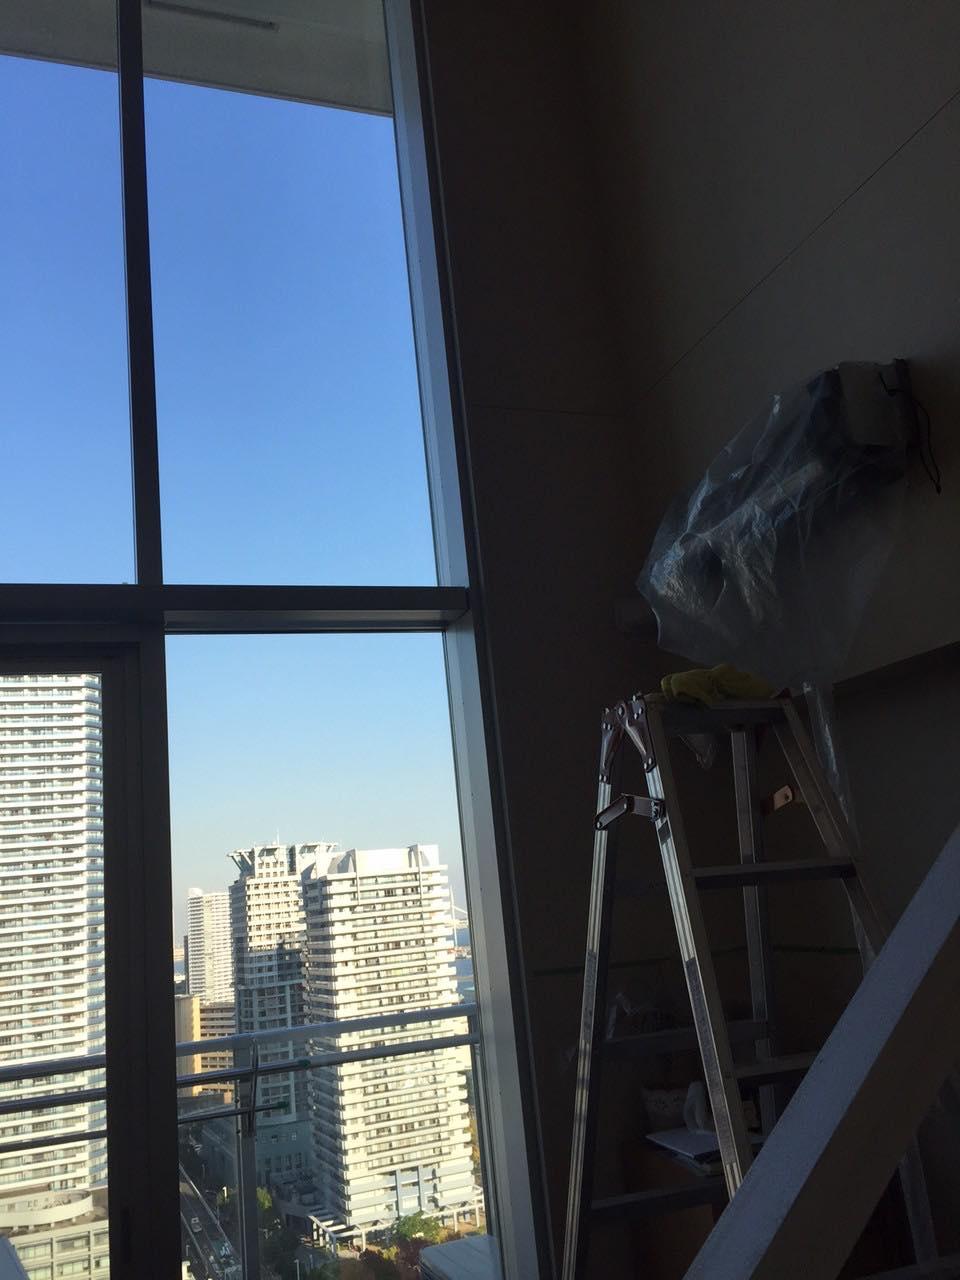 11/6 エアコン、窓クリーニング@神奈川区金港町